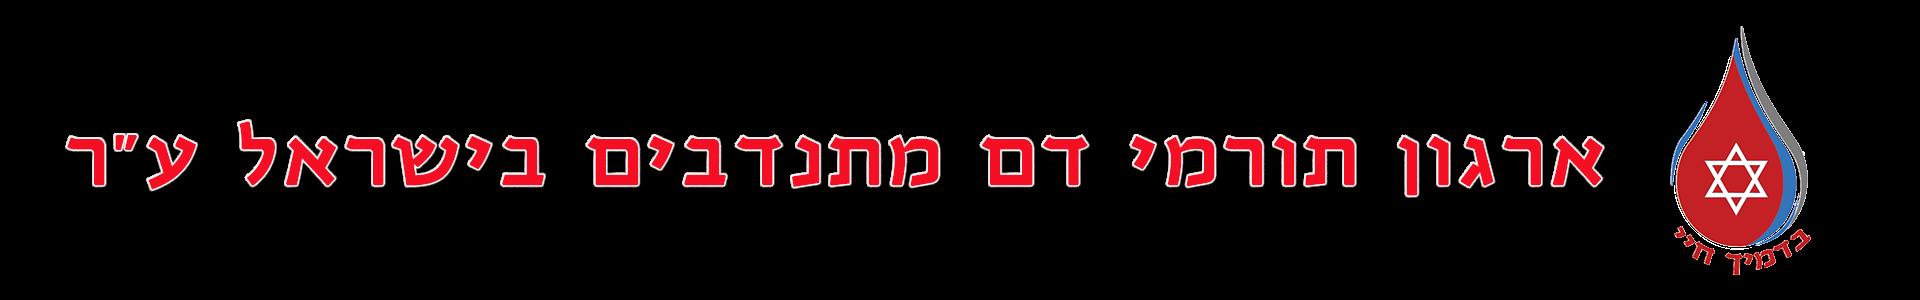 ארגון תורמי דם מתנדבים בישראל